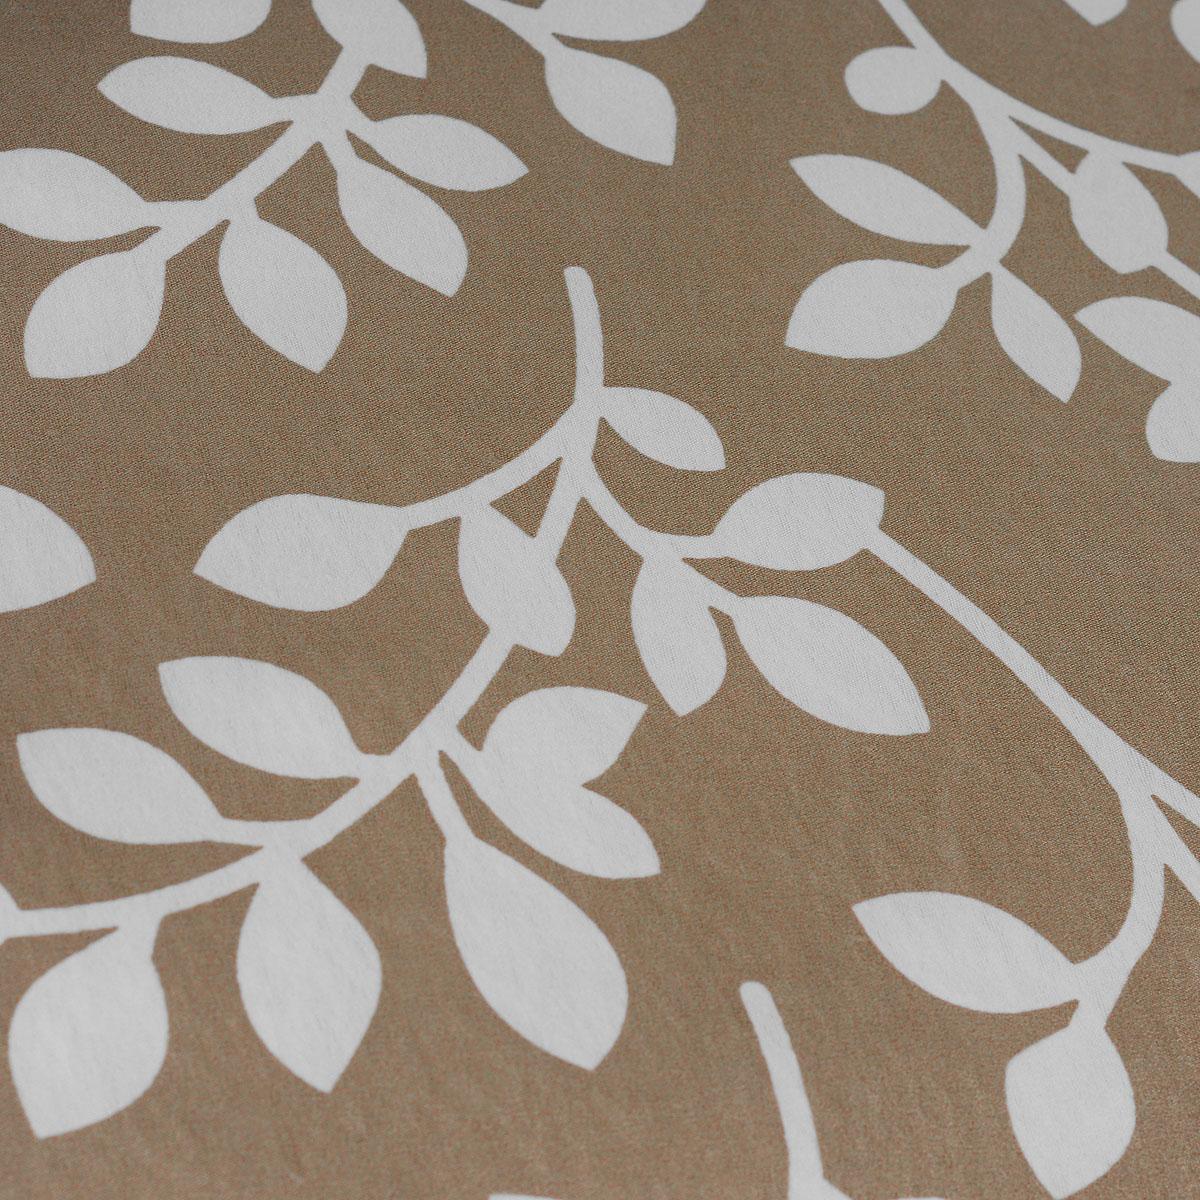 """Подушка Sleeper """"Дили"""", наполнитель: силиконизированное волокно, цвет: коричневый, 50 см х 70 см"""